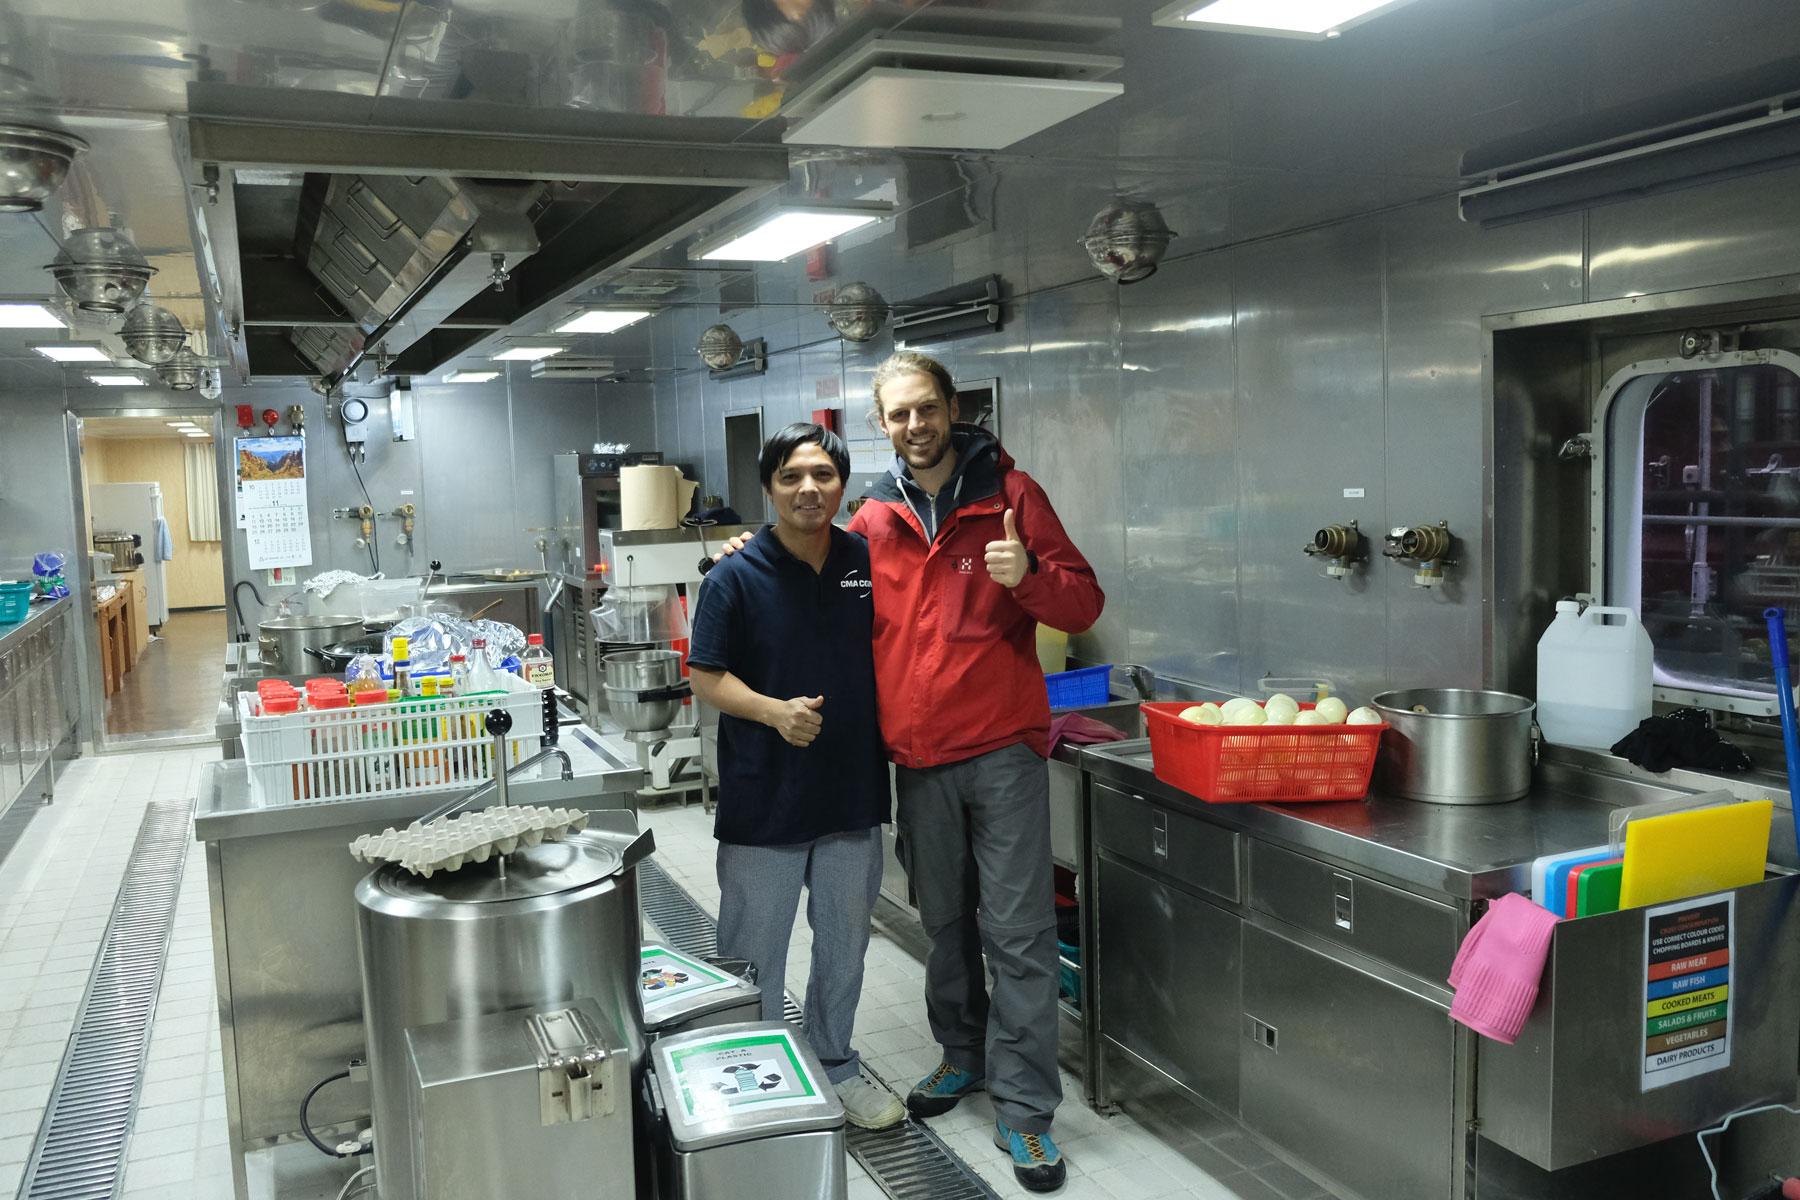 Sebastian und Joselito in der Küche des Containerschiffs.